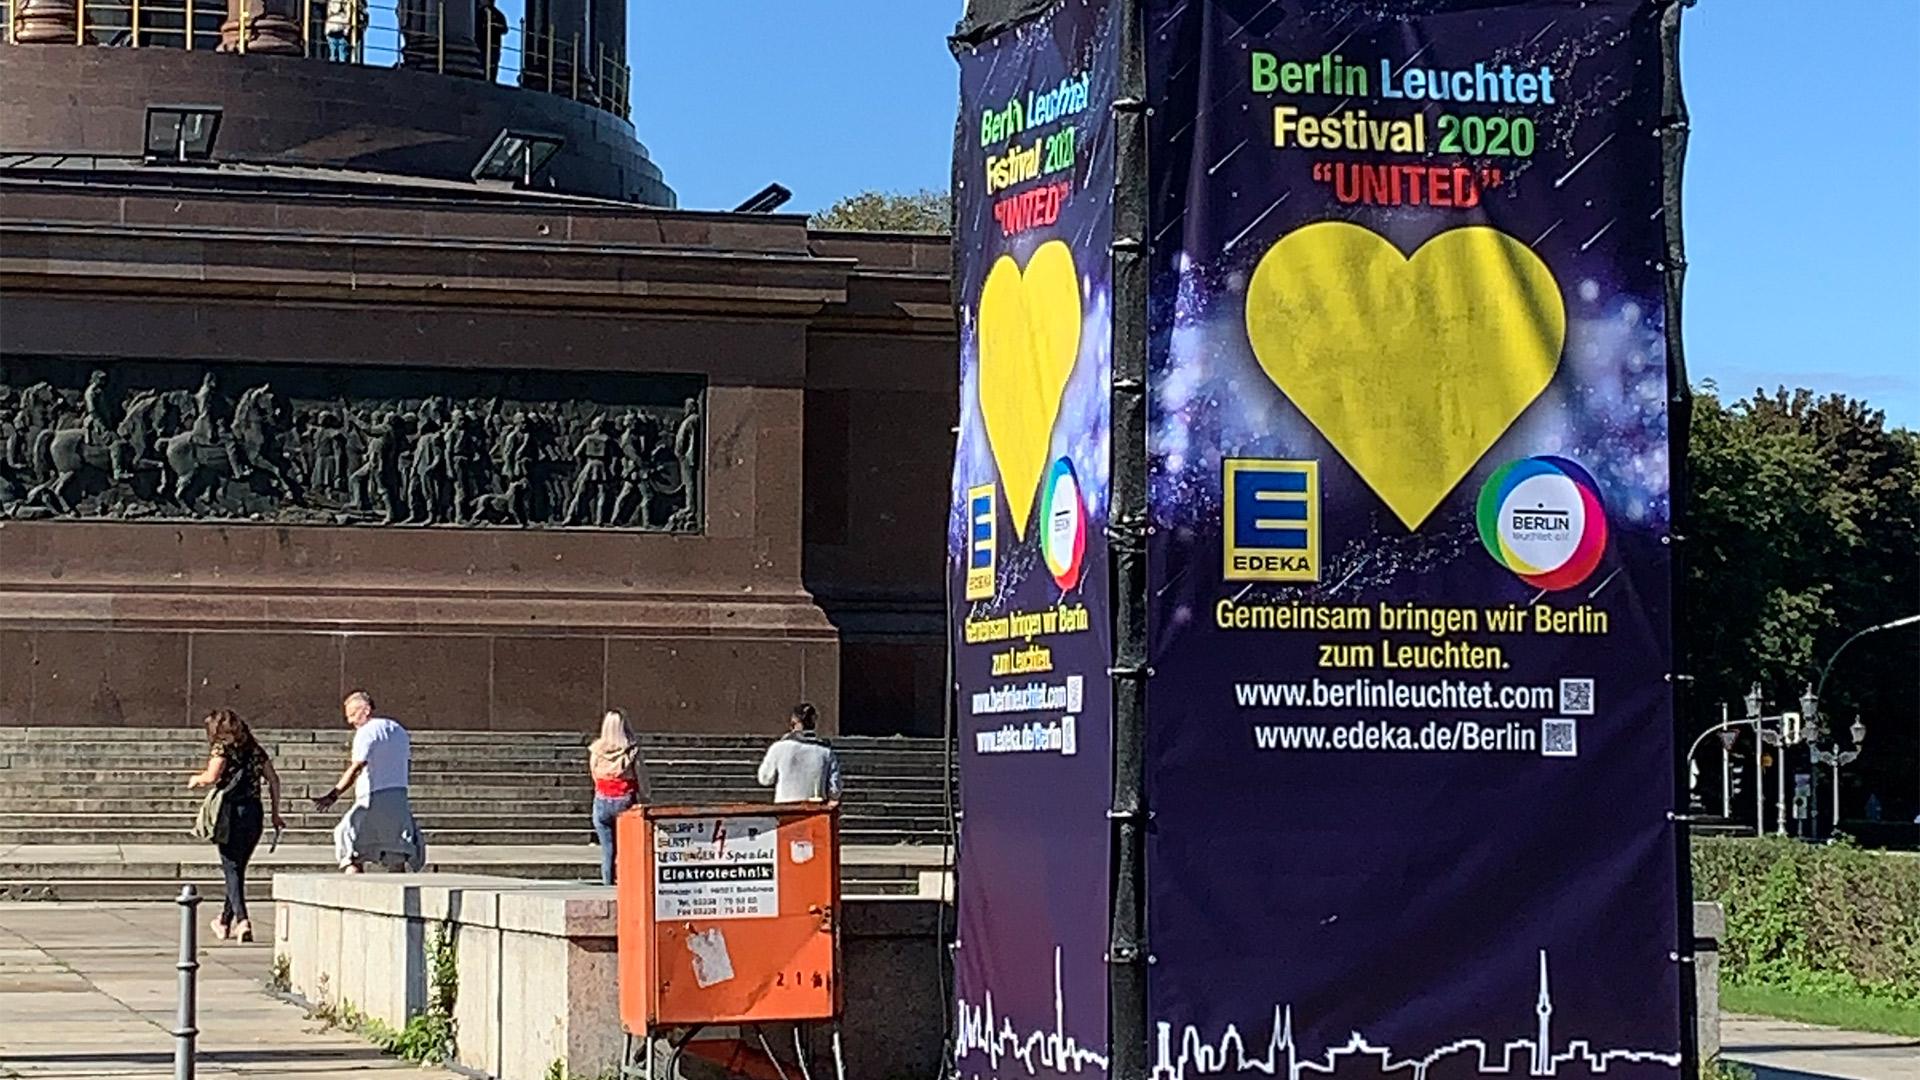 Edeka-2020-Matti-Michalke-Berlin-Brandenburg-Aussenwerbung-Innenwerbung-Banner-Planen-Folien-Werbemittel-Druck-Print